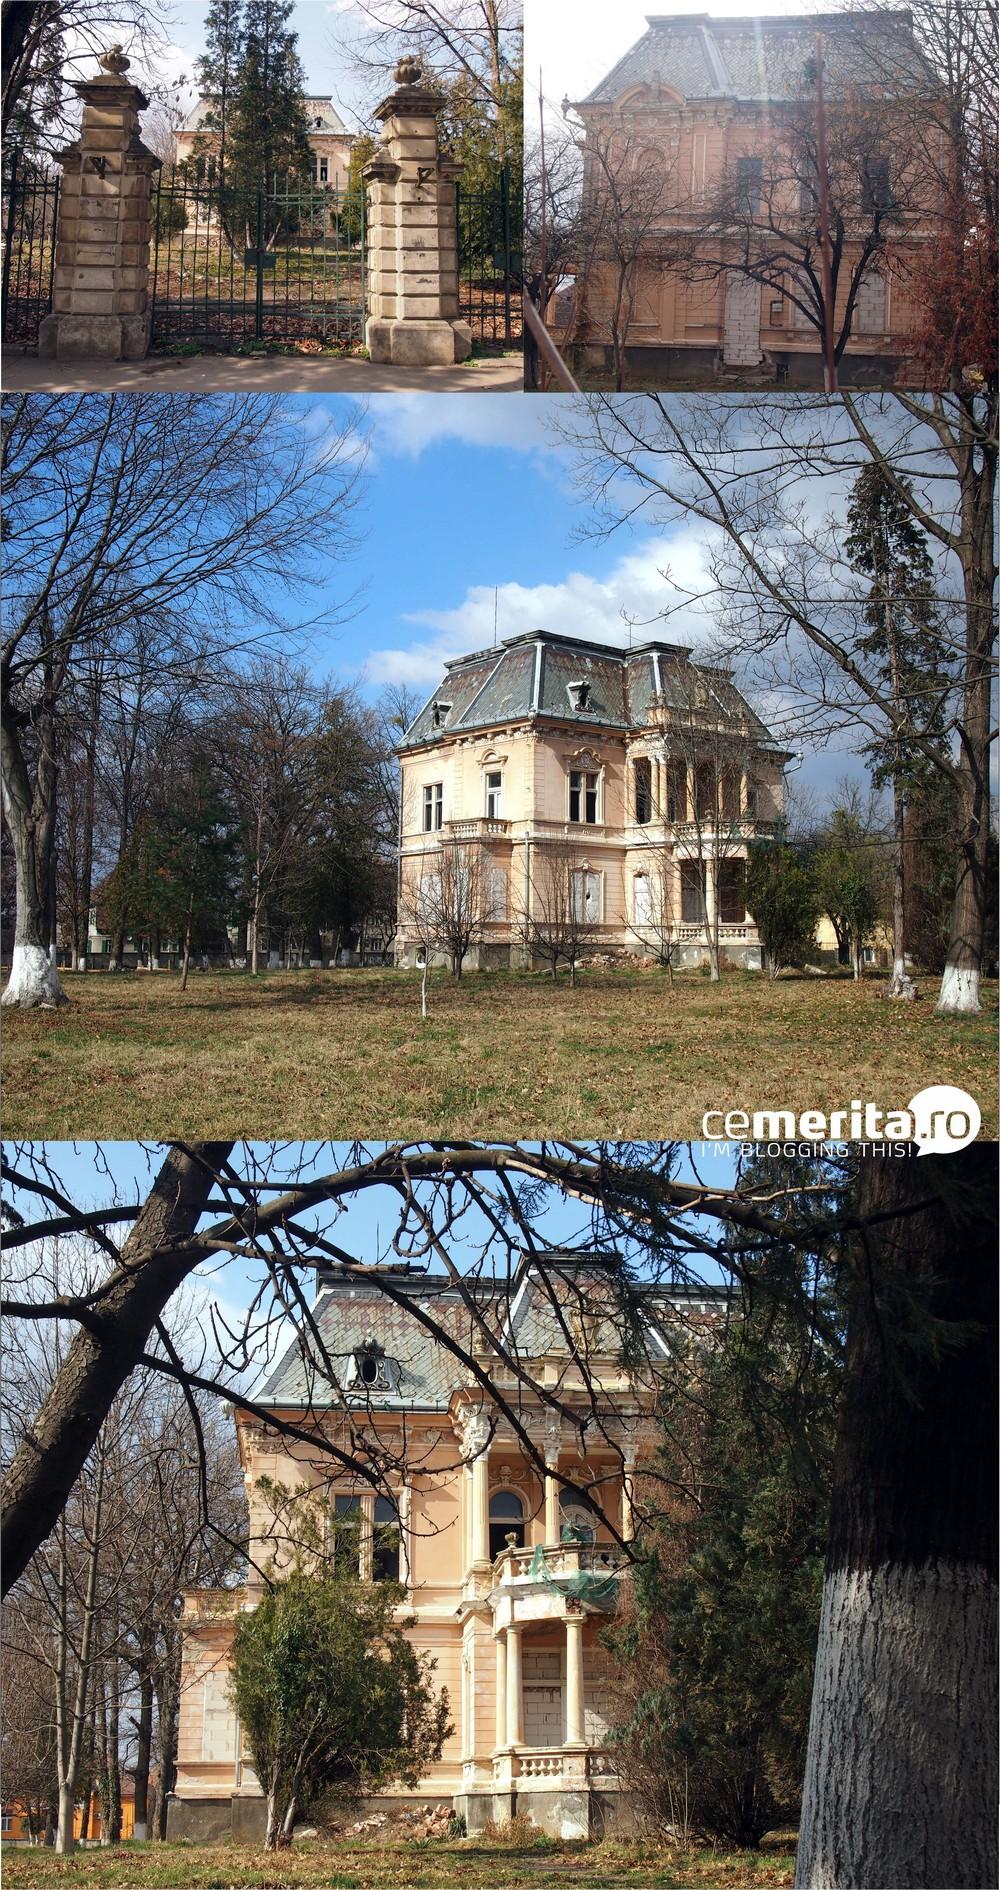 _Palatul Mitropoliei Ardealului